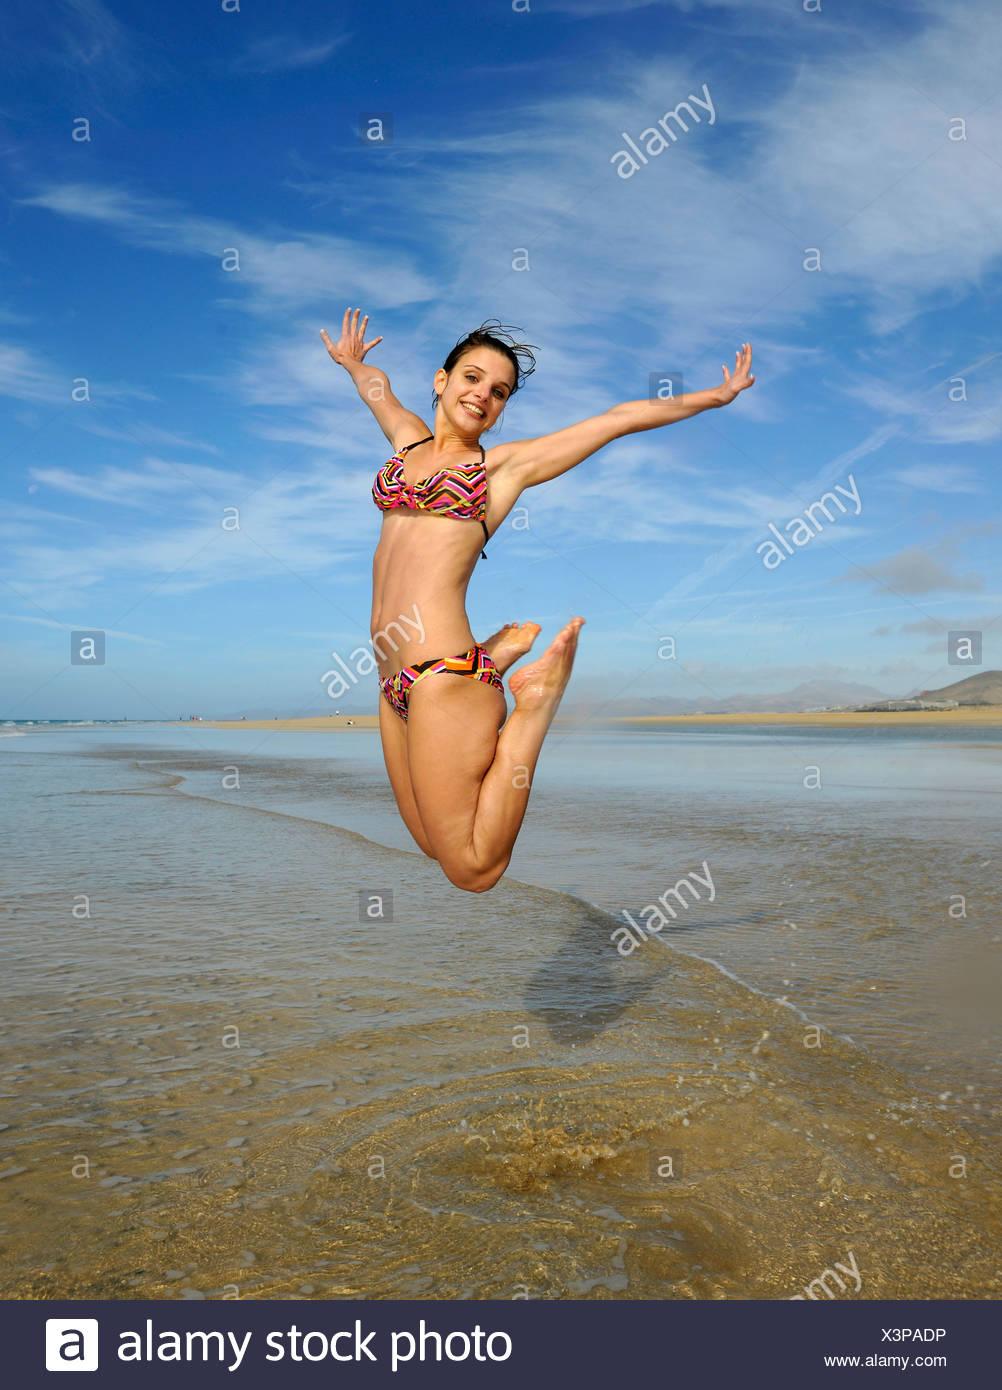 Salto in aria, giovane donna al mare, immagine simbolica per la vitalità, la sete di vita, Playa de Sotavento de Jandia beach Immagini Stock